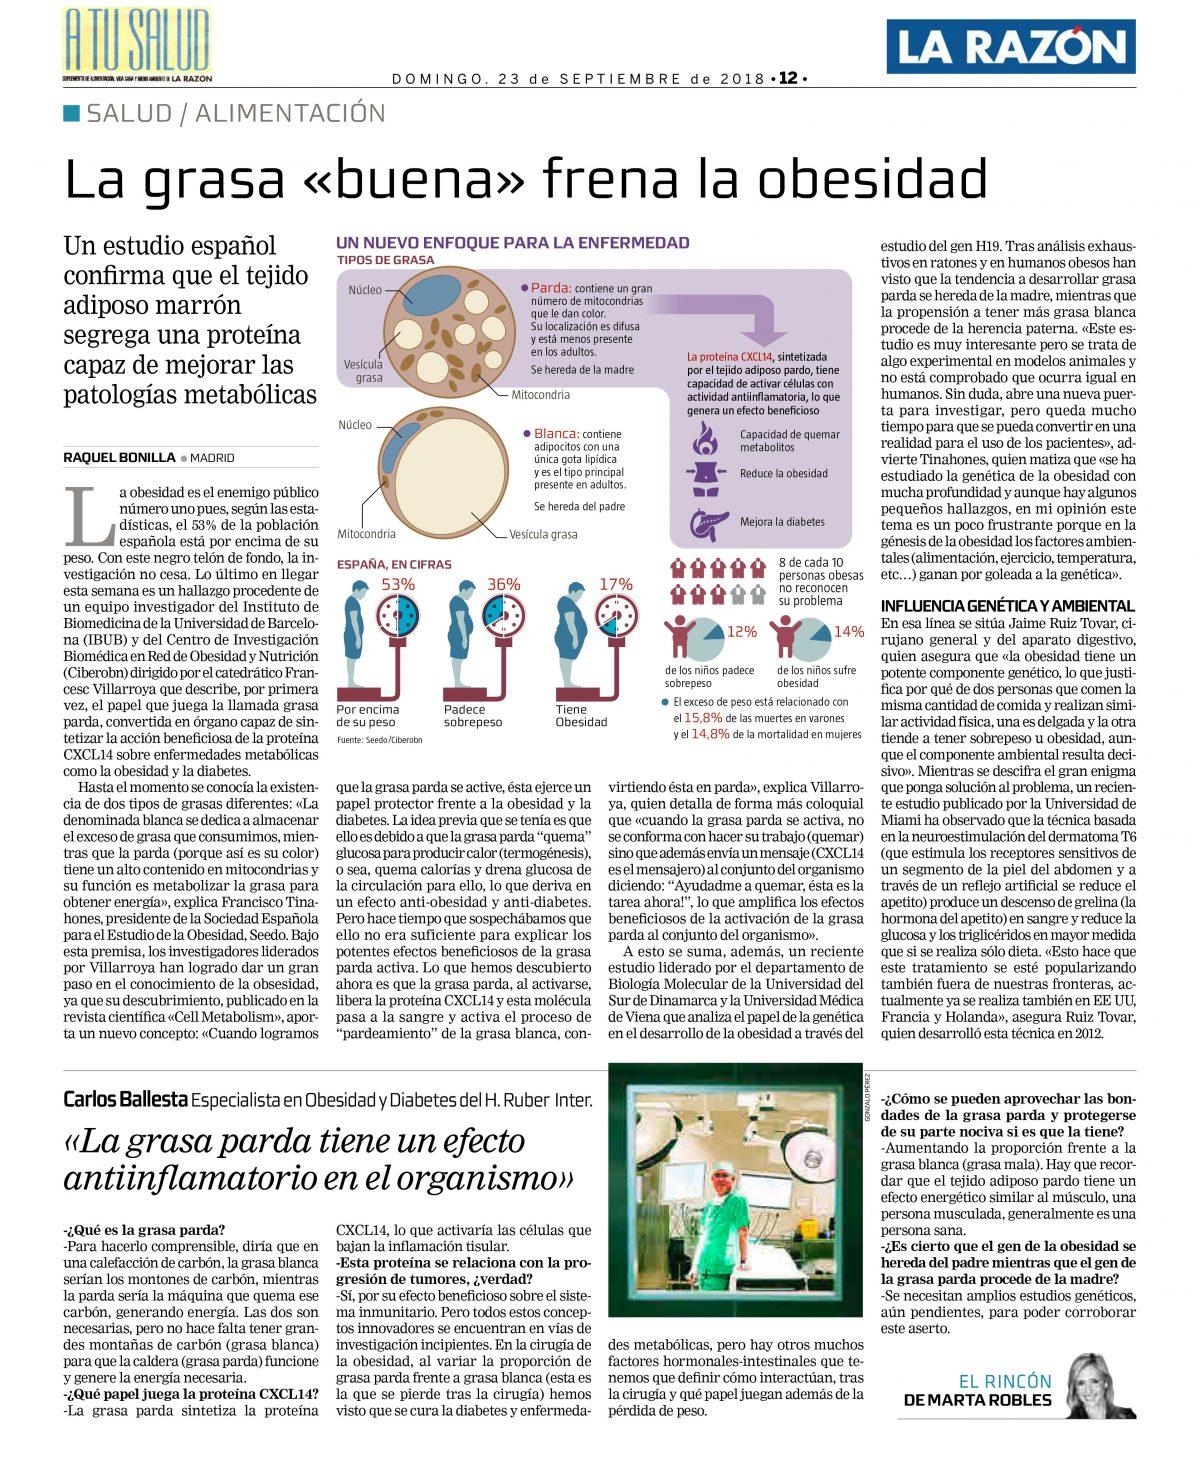 LA-RAZÓN-23-09-18-Dr-Ballesta-1200x1479.jpg